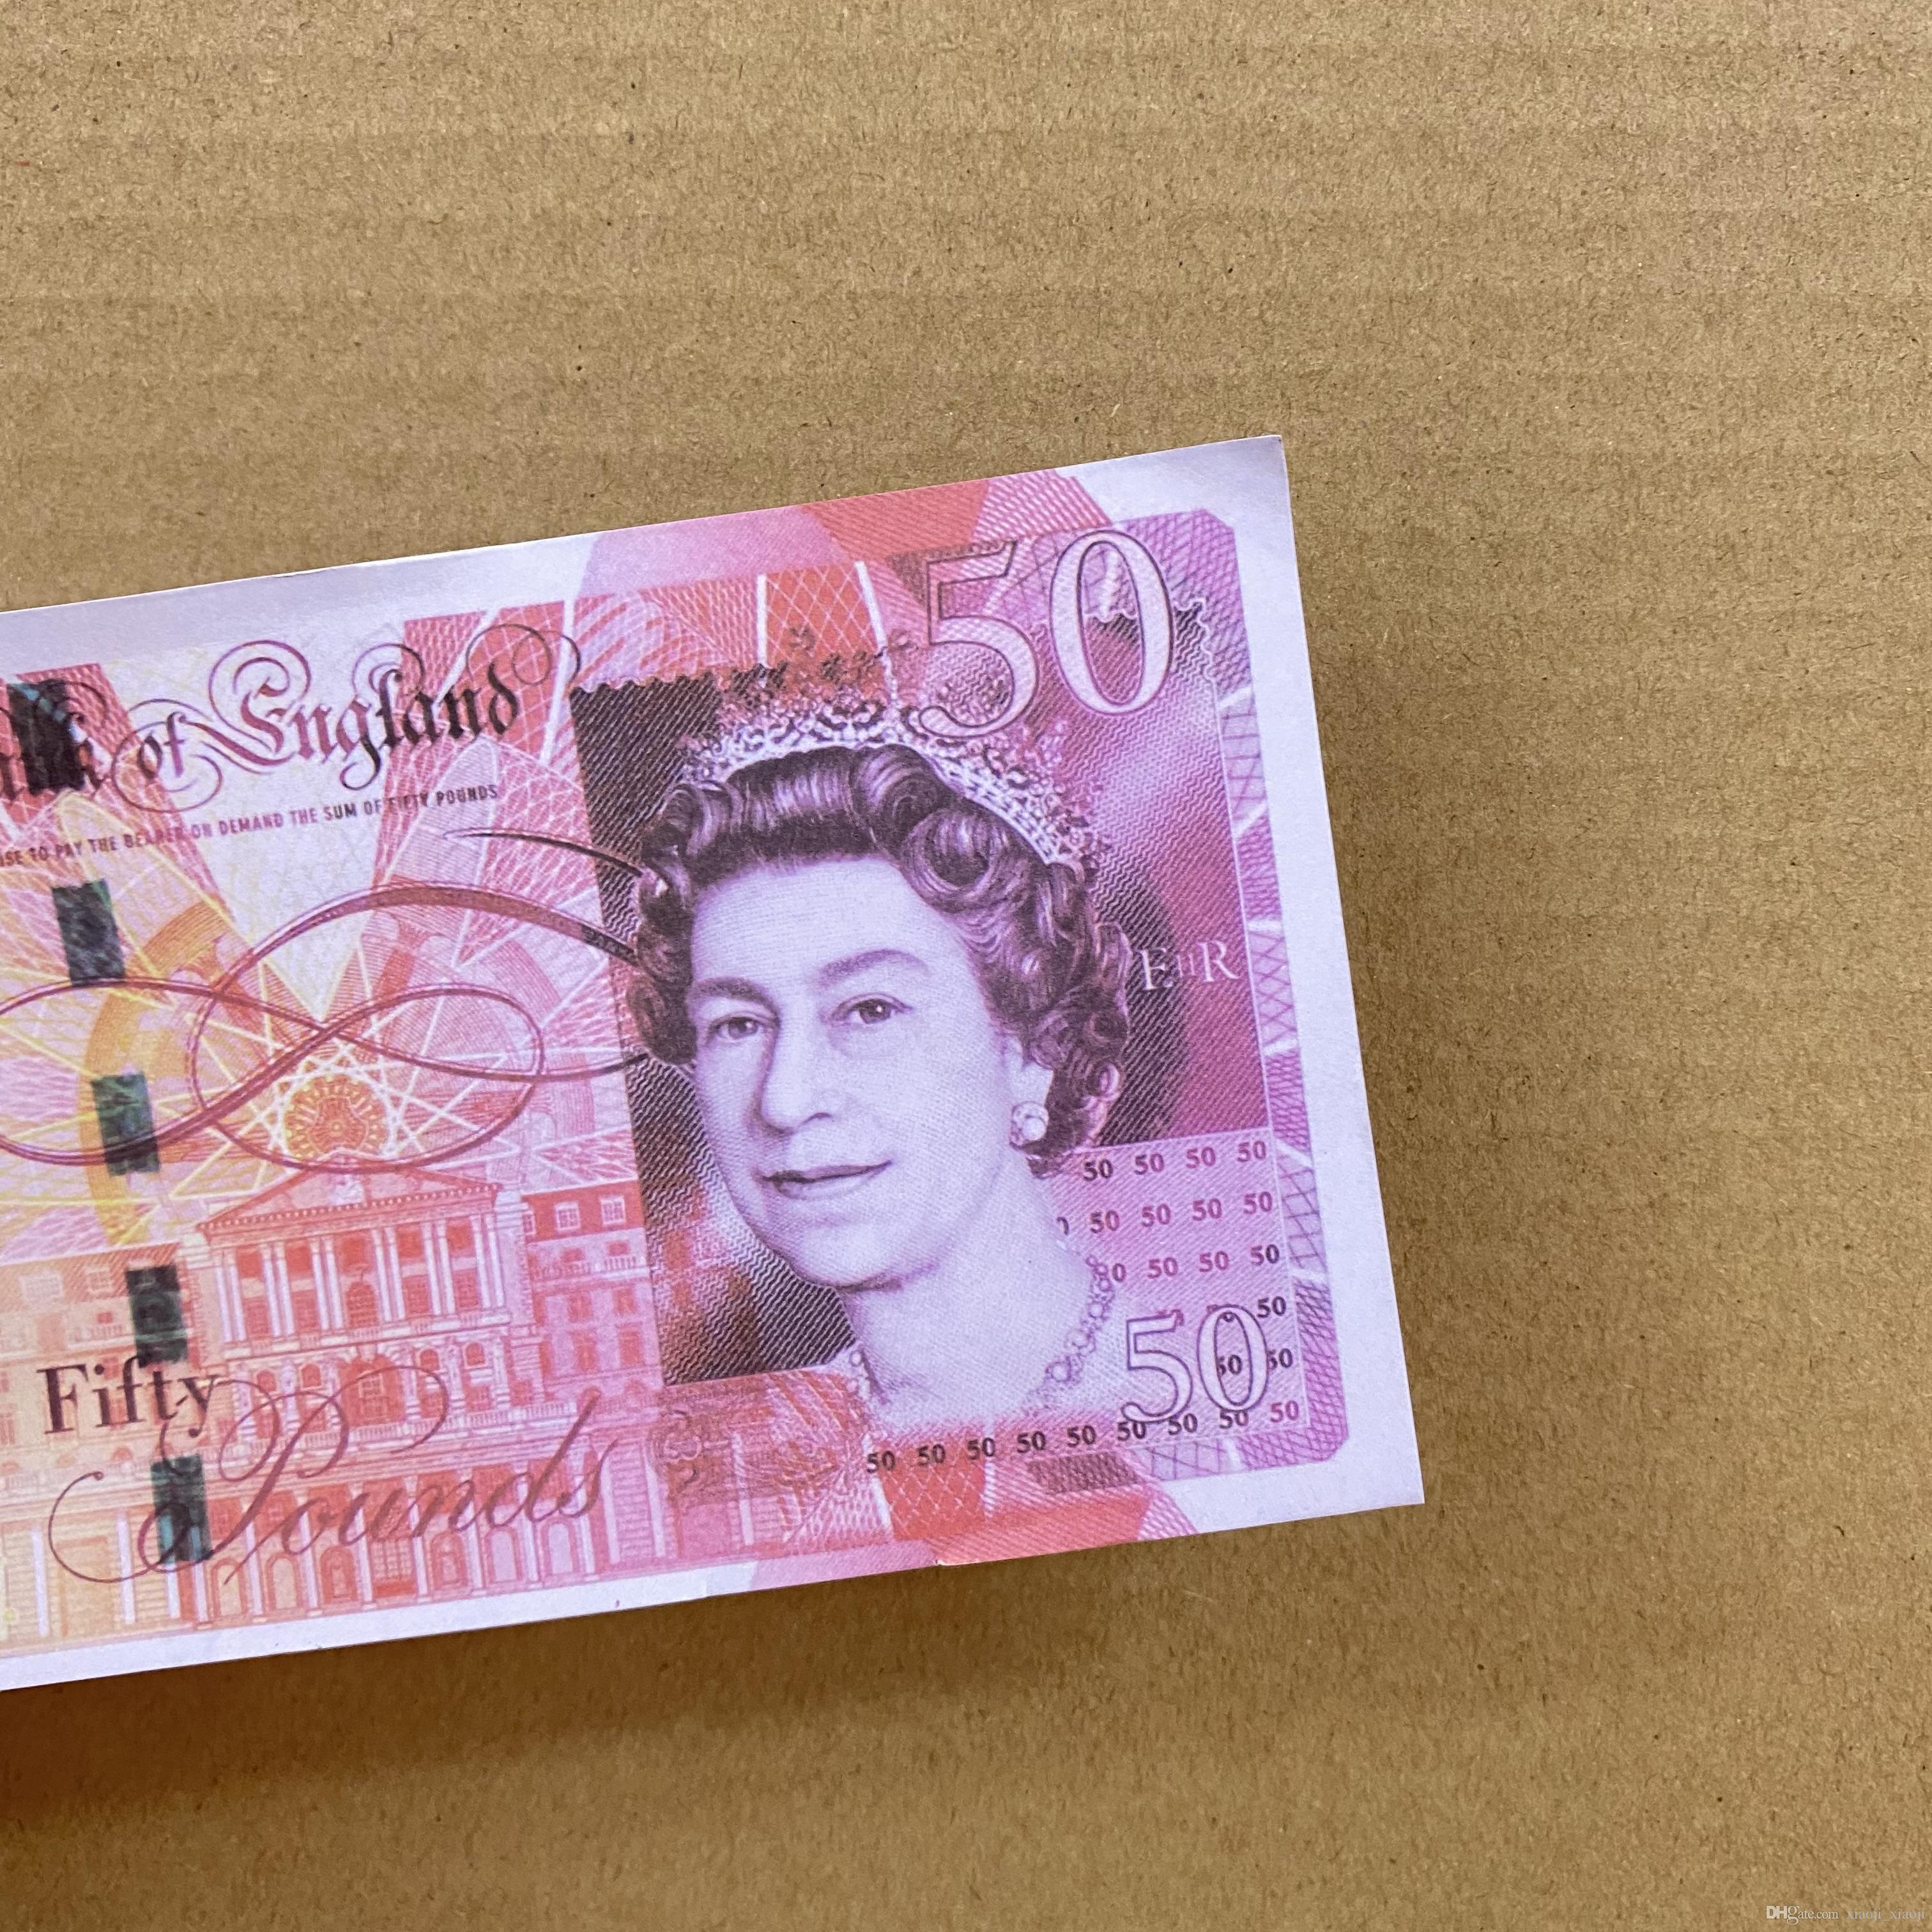 Дети нами или банкноты деньги семьи PROP TOY220 реалистичные бумаги 100 шт. / Упаковка Большинство игр копия / евро / доллар HVMOS